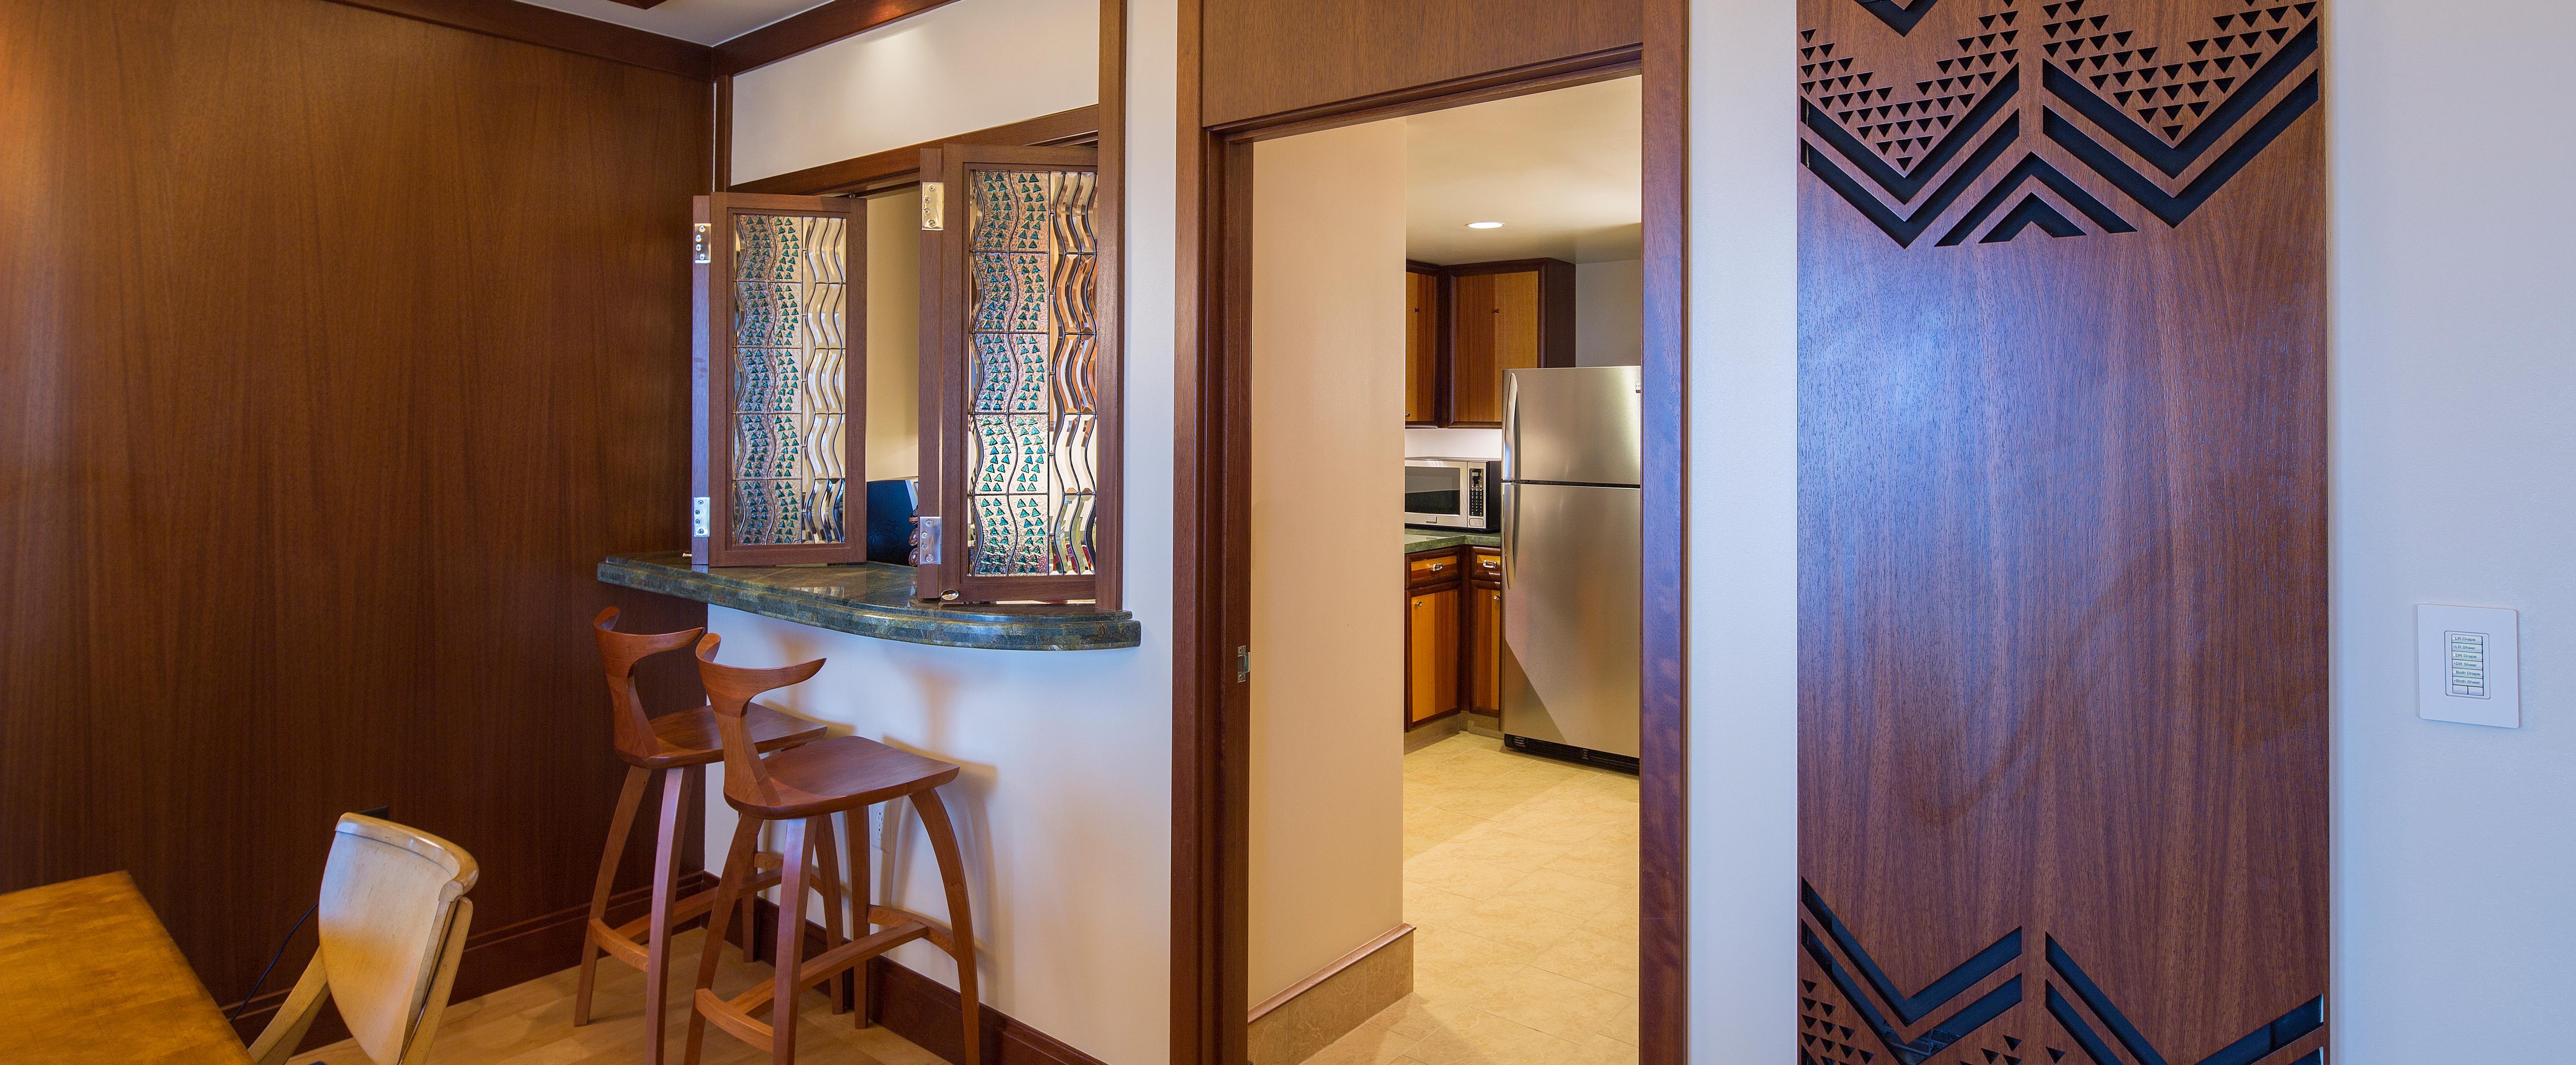 The breakfast bar in the Deluxe 1-Bedroom Suite